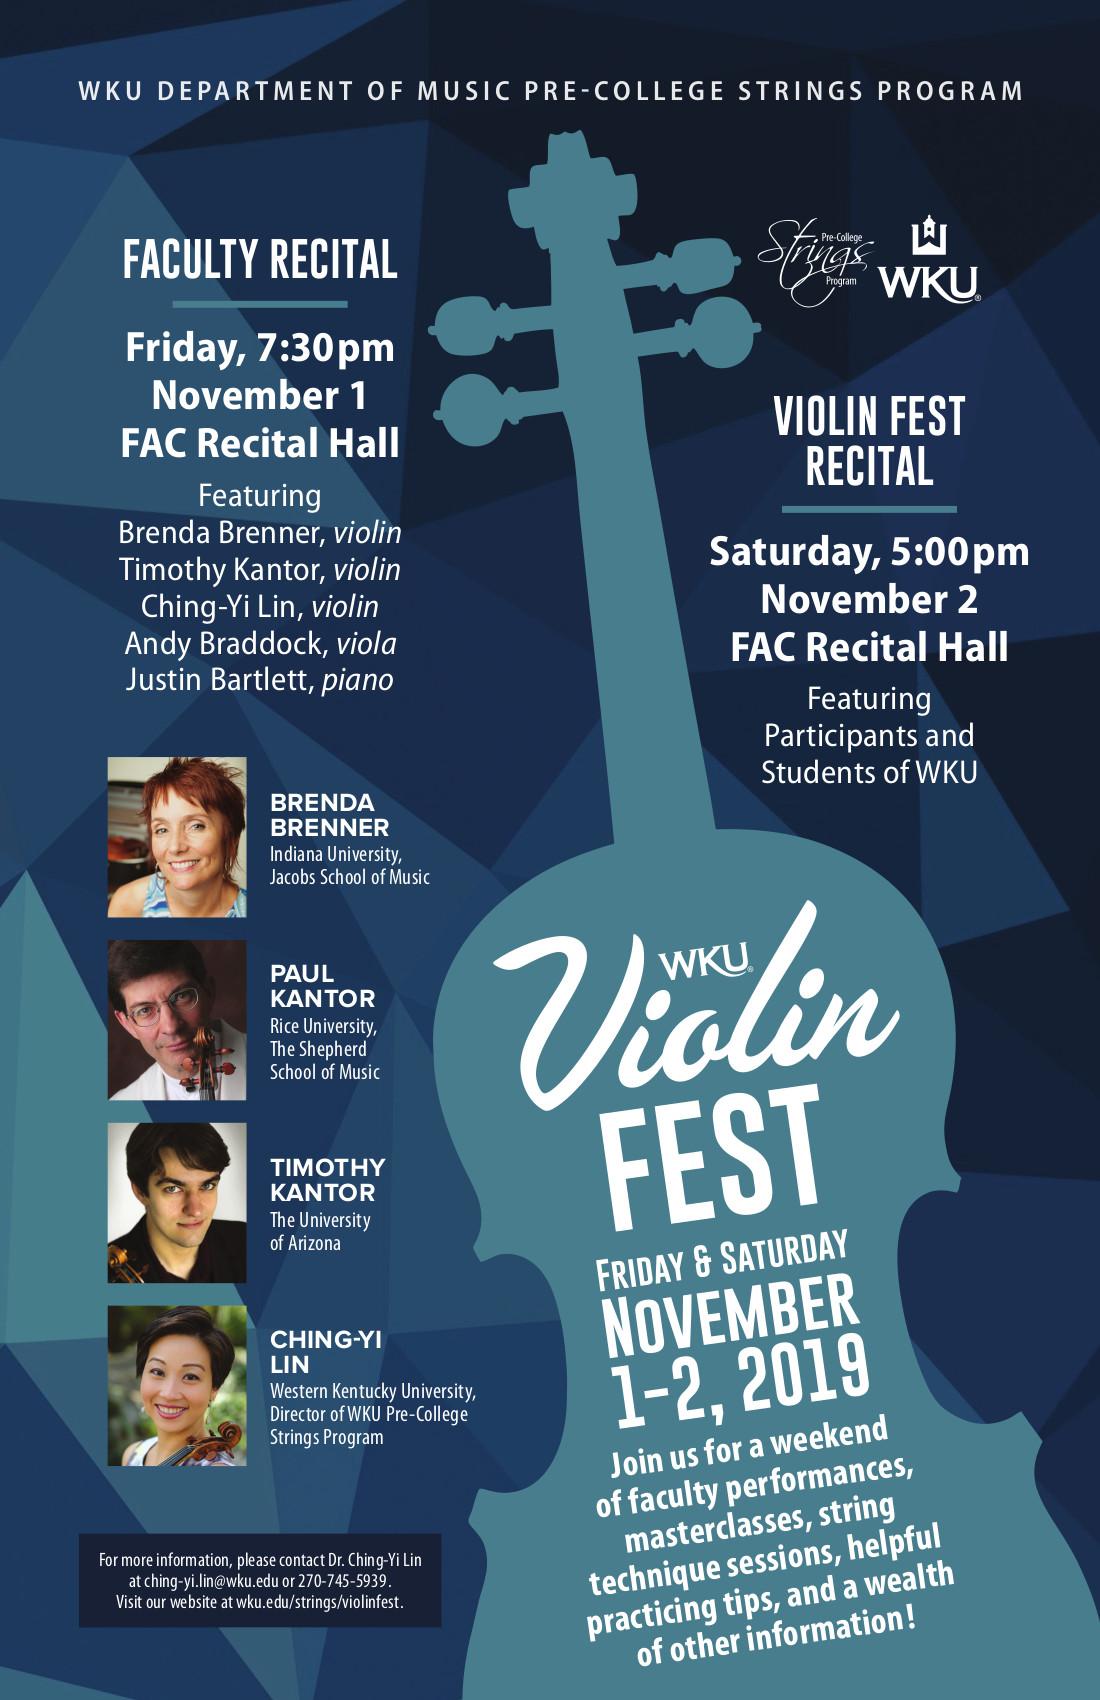 violinfest2019.jpg